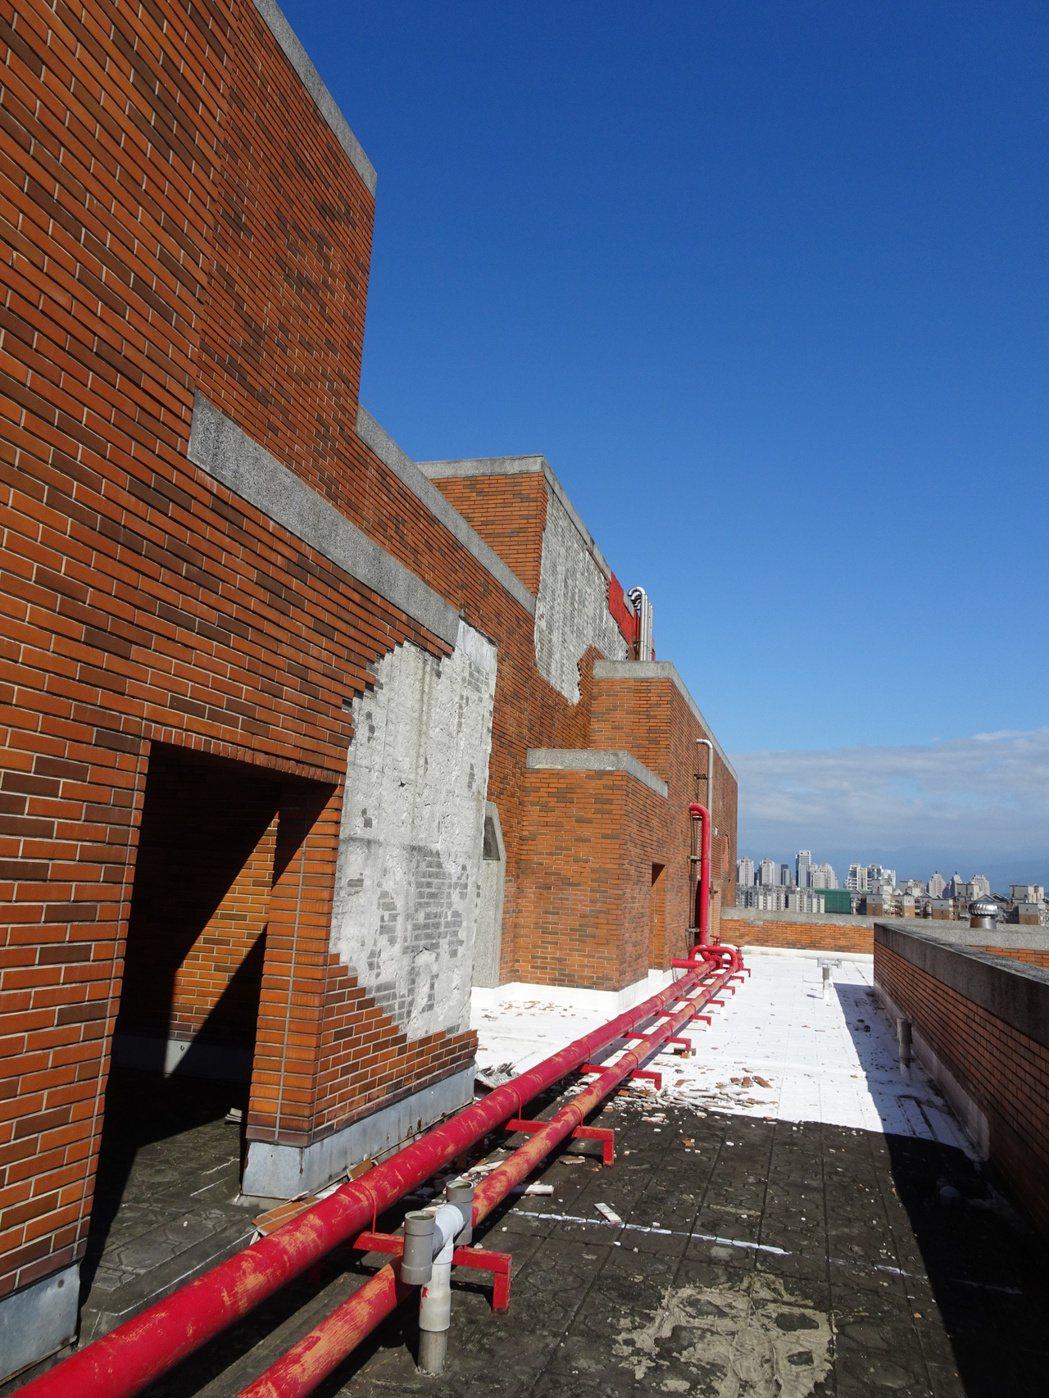 「交大華廈社區」屋齡超過20年,面臨外牆老化問題。圖/新竹市政府提供